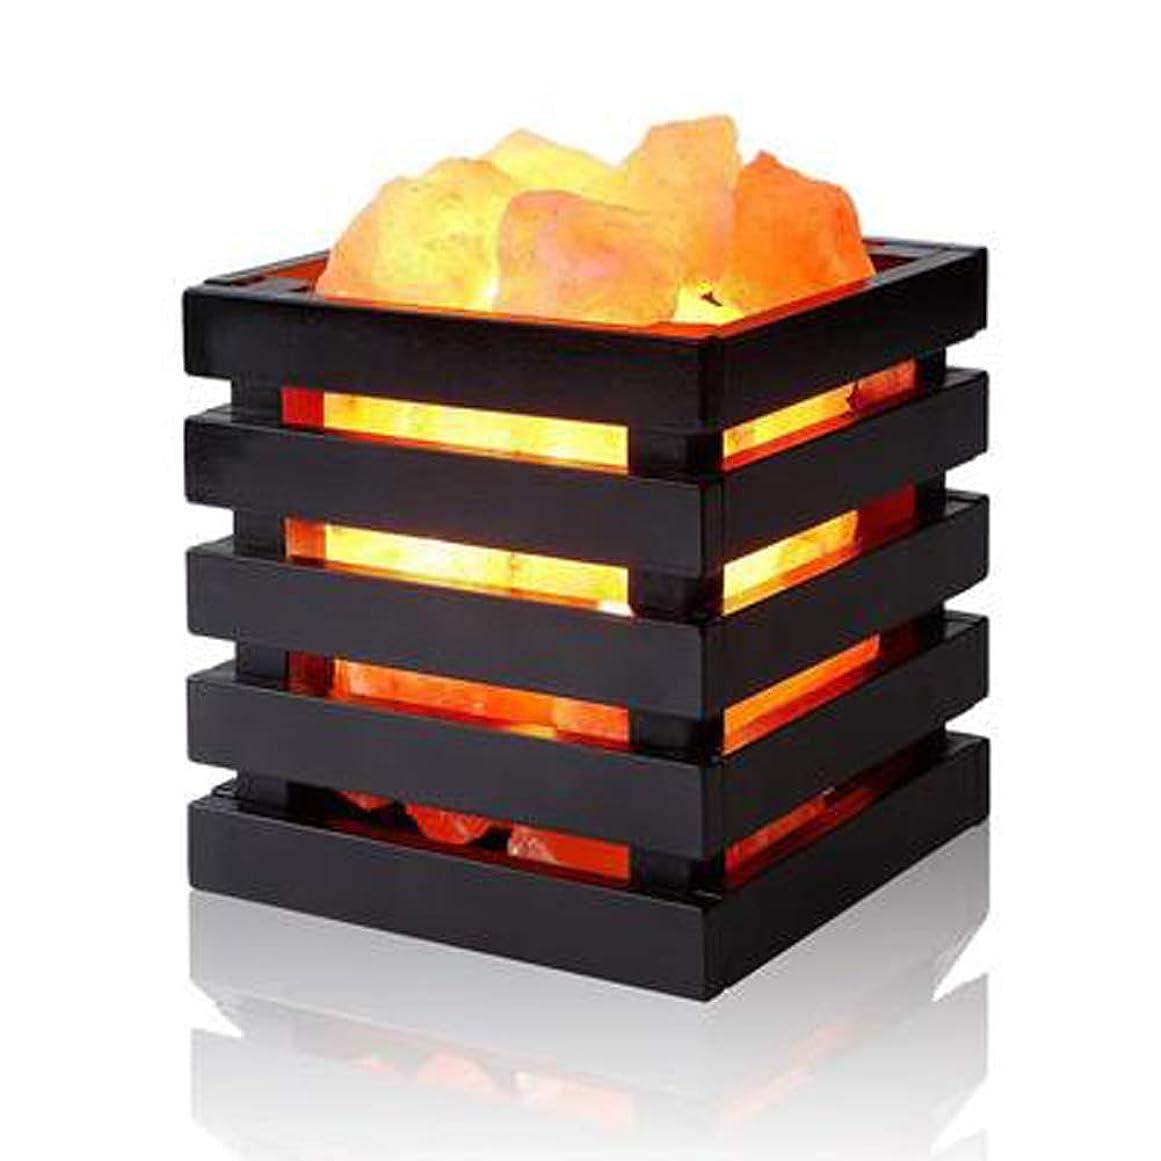 札入れ結晶磨かれたソルトランプヒマラヤクリスタルソルトクリエイティブファッション装飾テーブルランプベッドルームベッドサイドナイトライトフレグランスラン